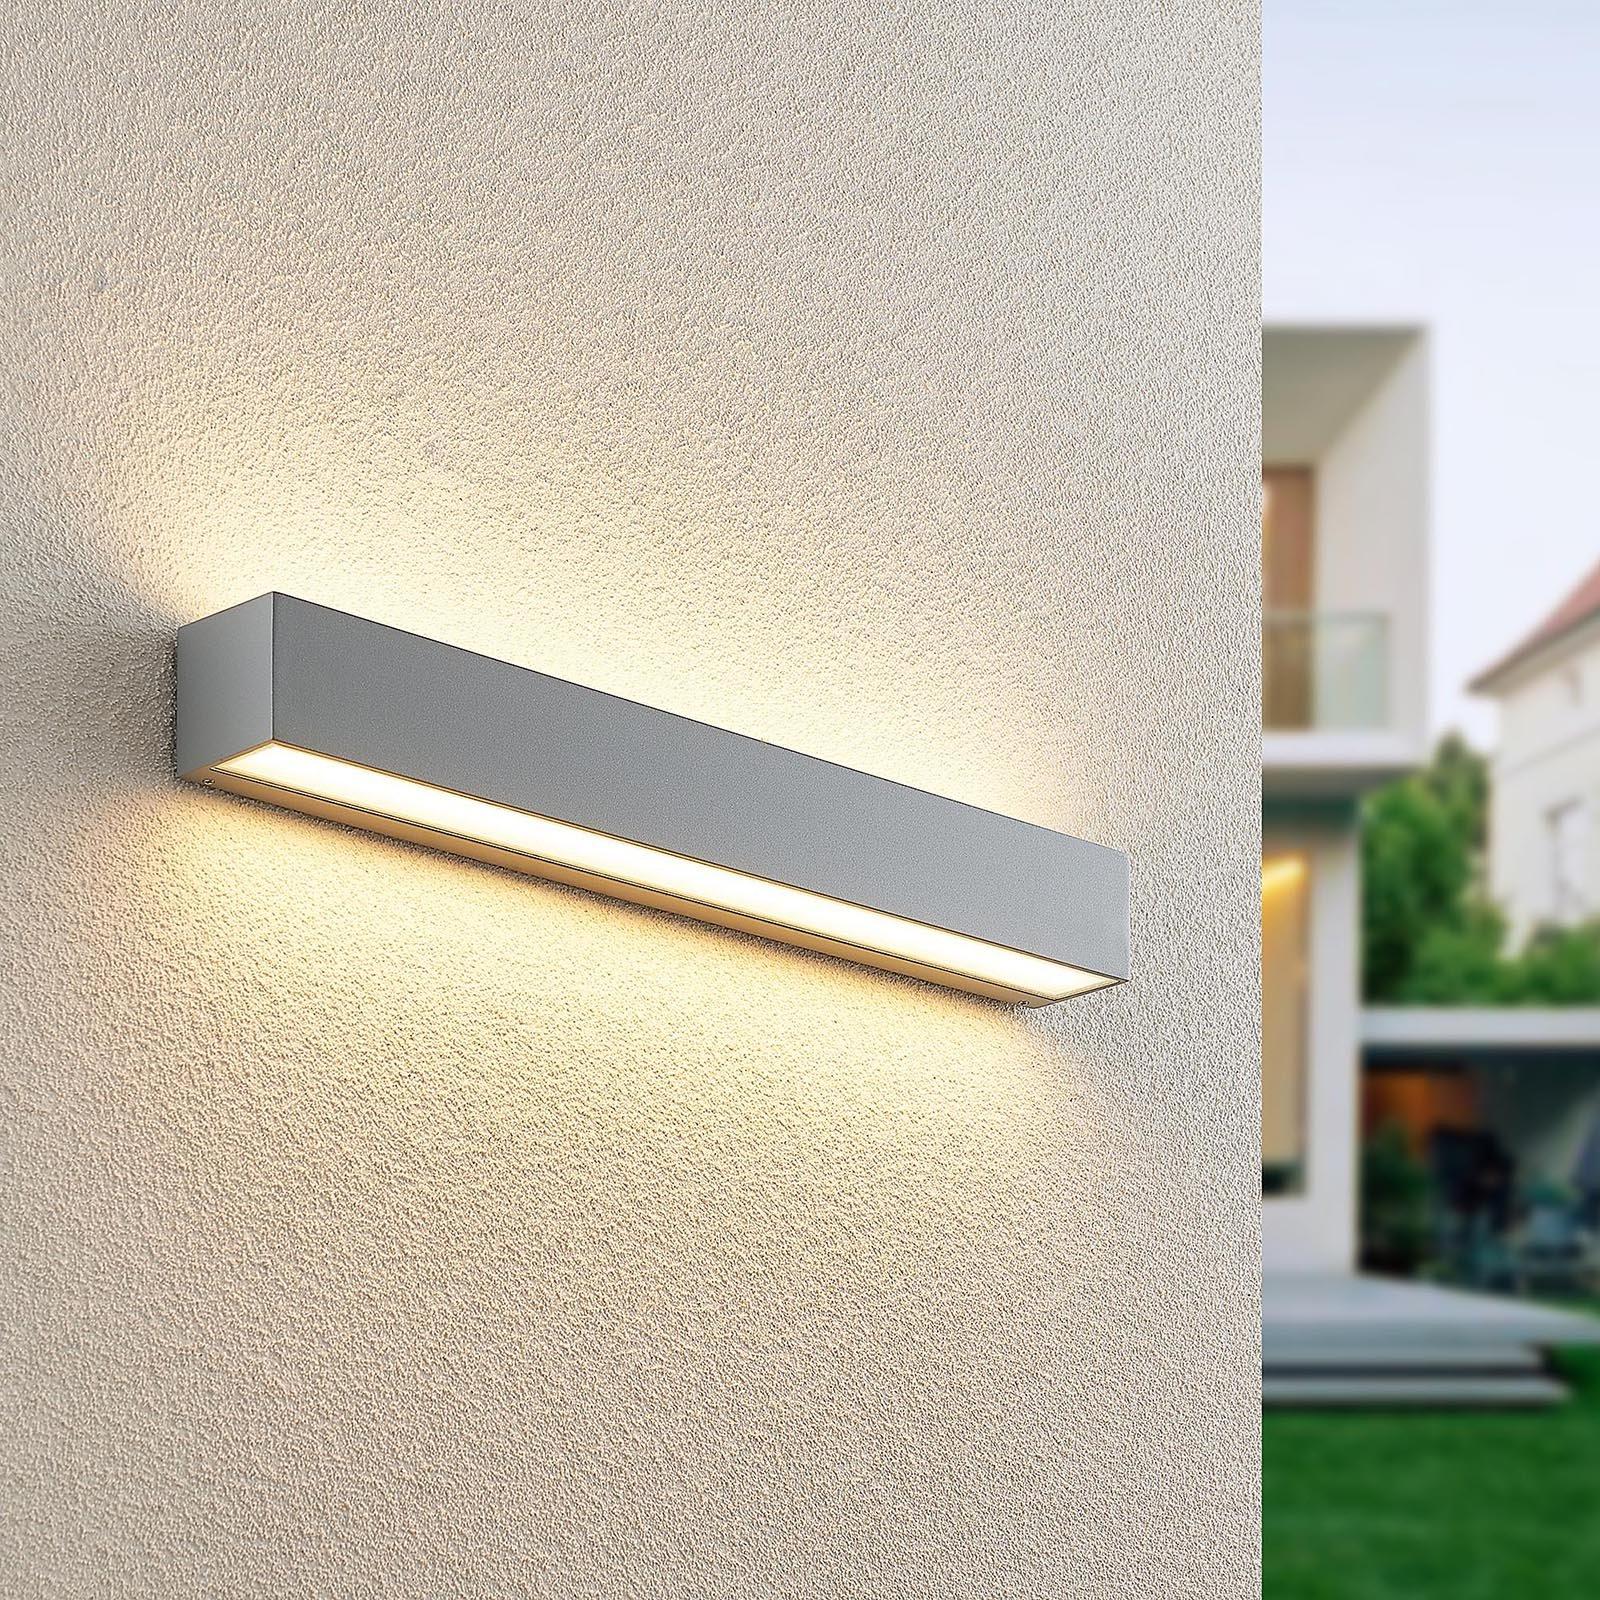 Lucande Lengo LED-vegglampe, up down, 50cm